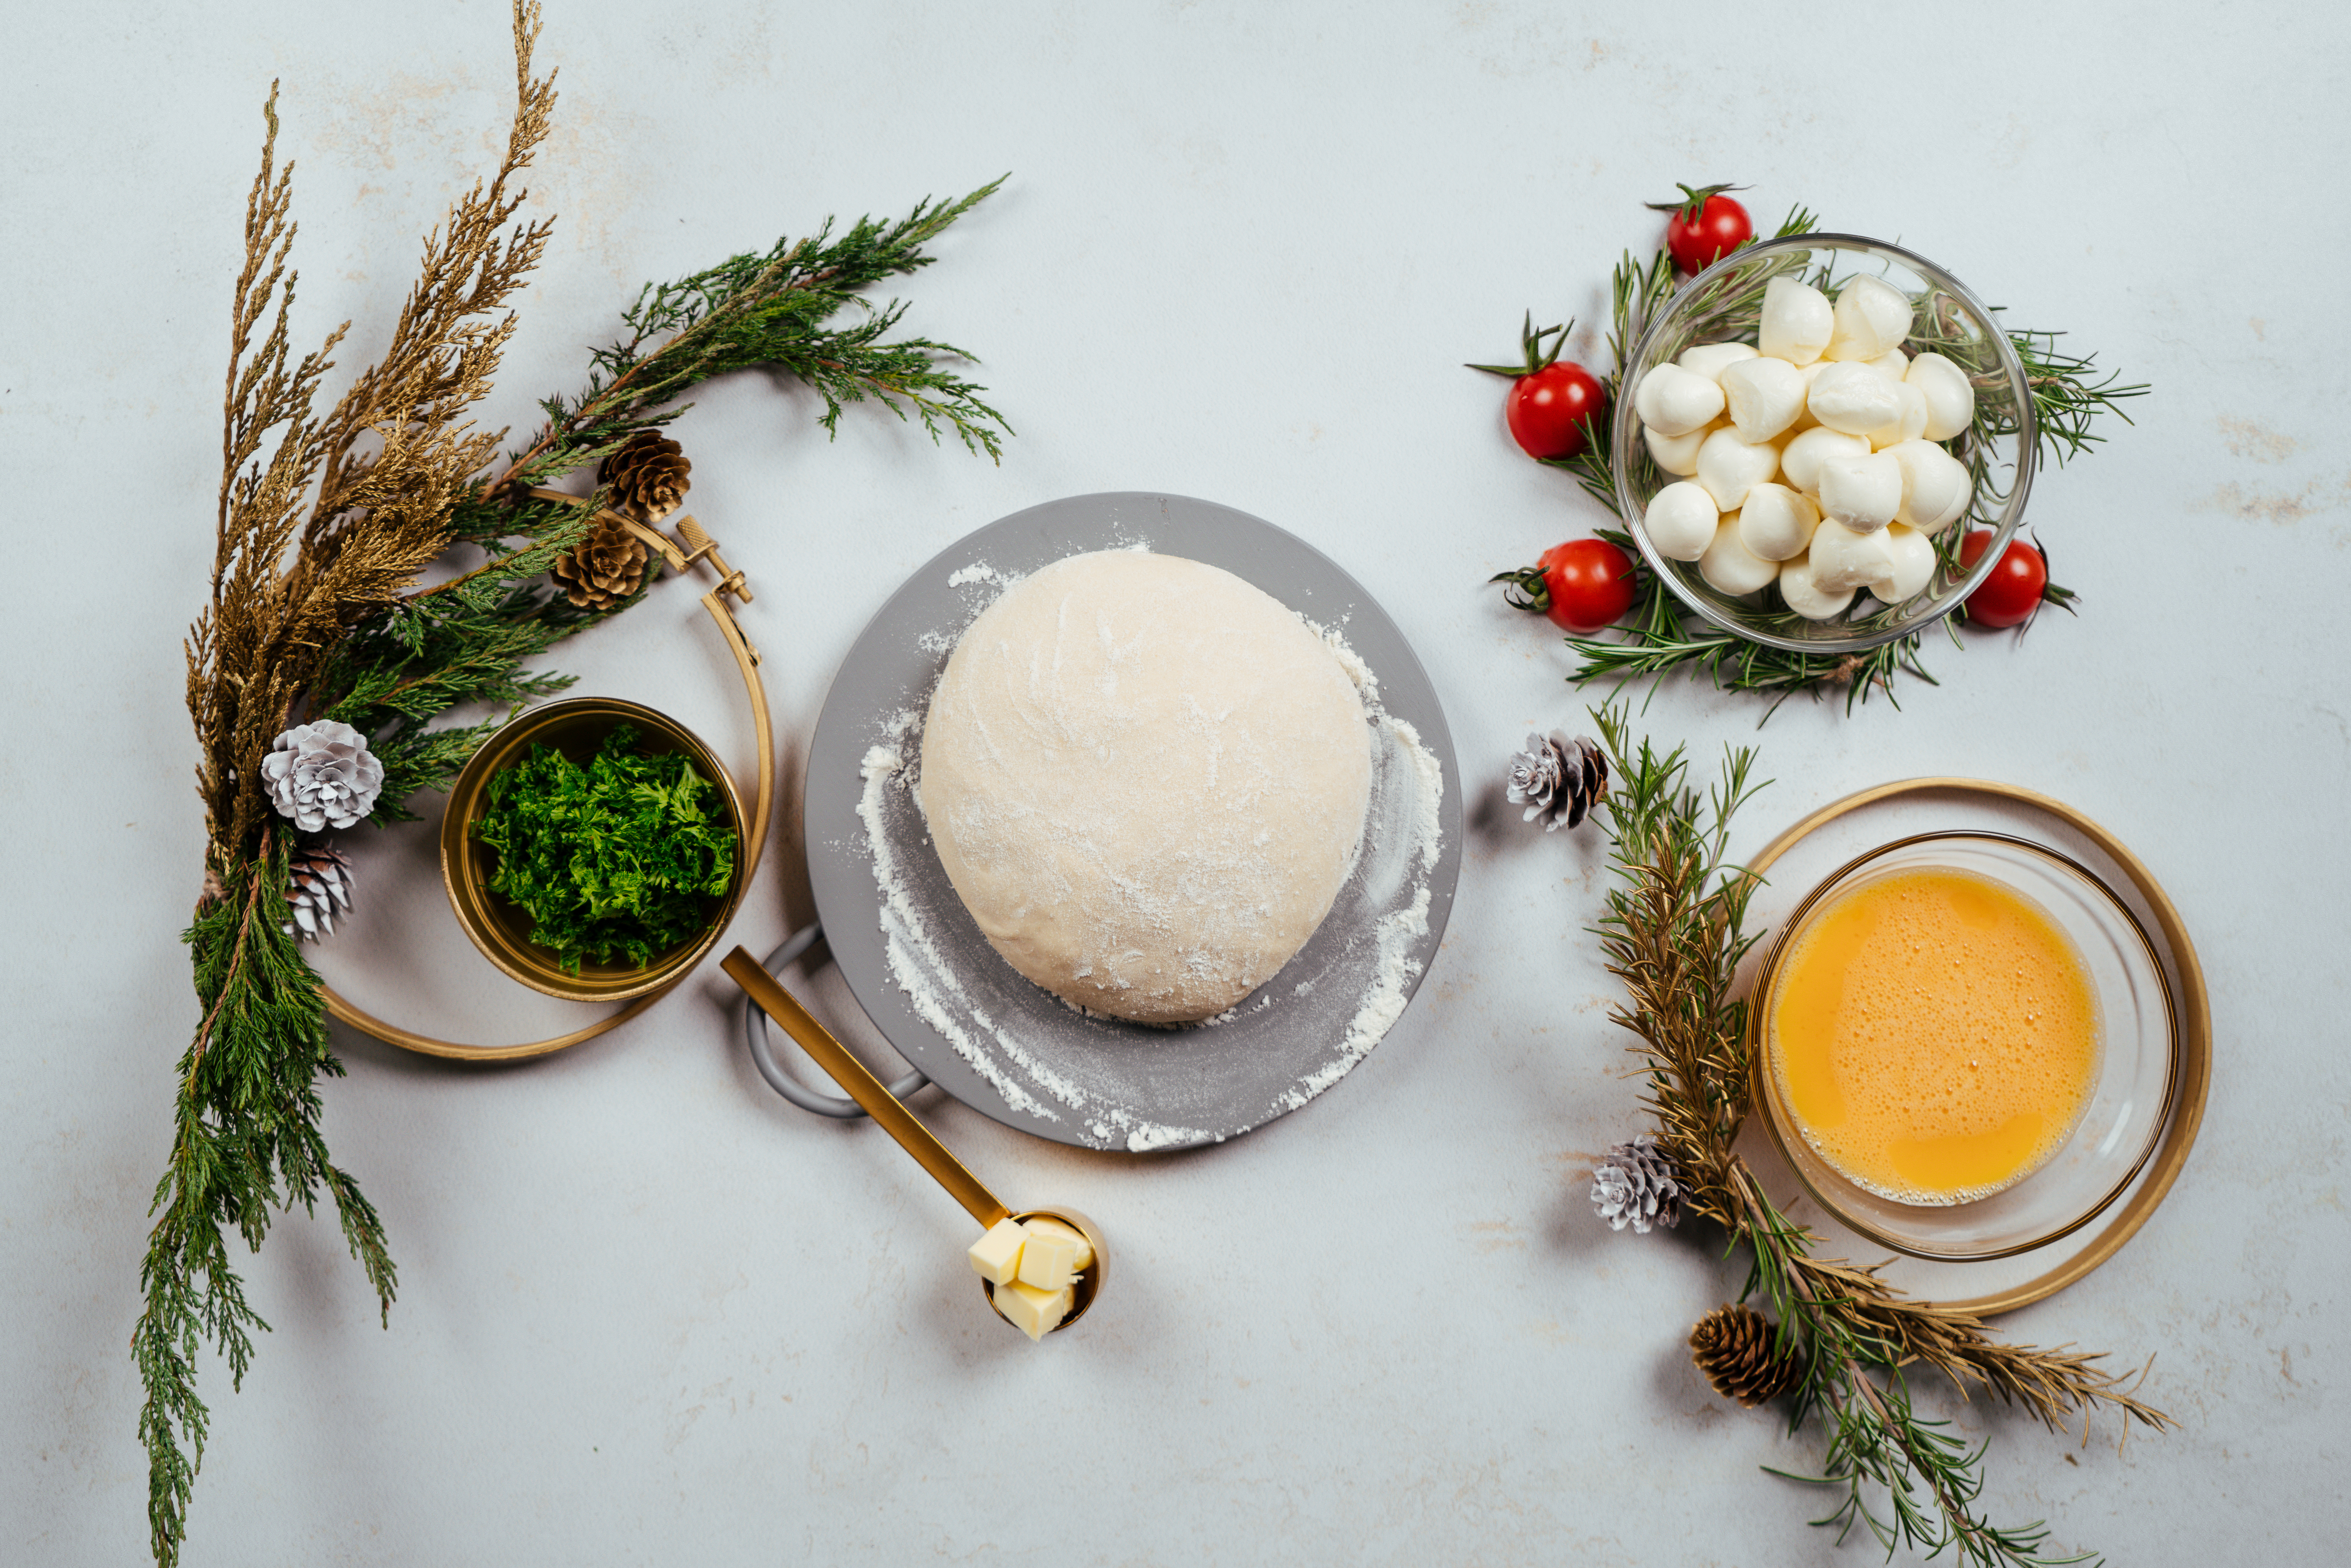 ingredientes para hacer pan de navidad, cilantro picado, masa para pizza, bolas de mozzarella, yemas de huevo batidas